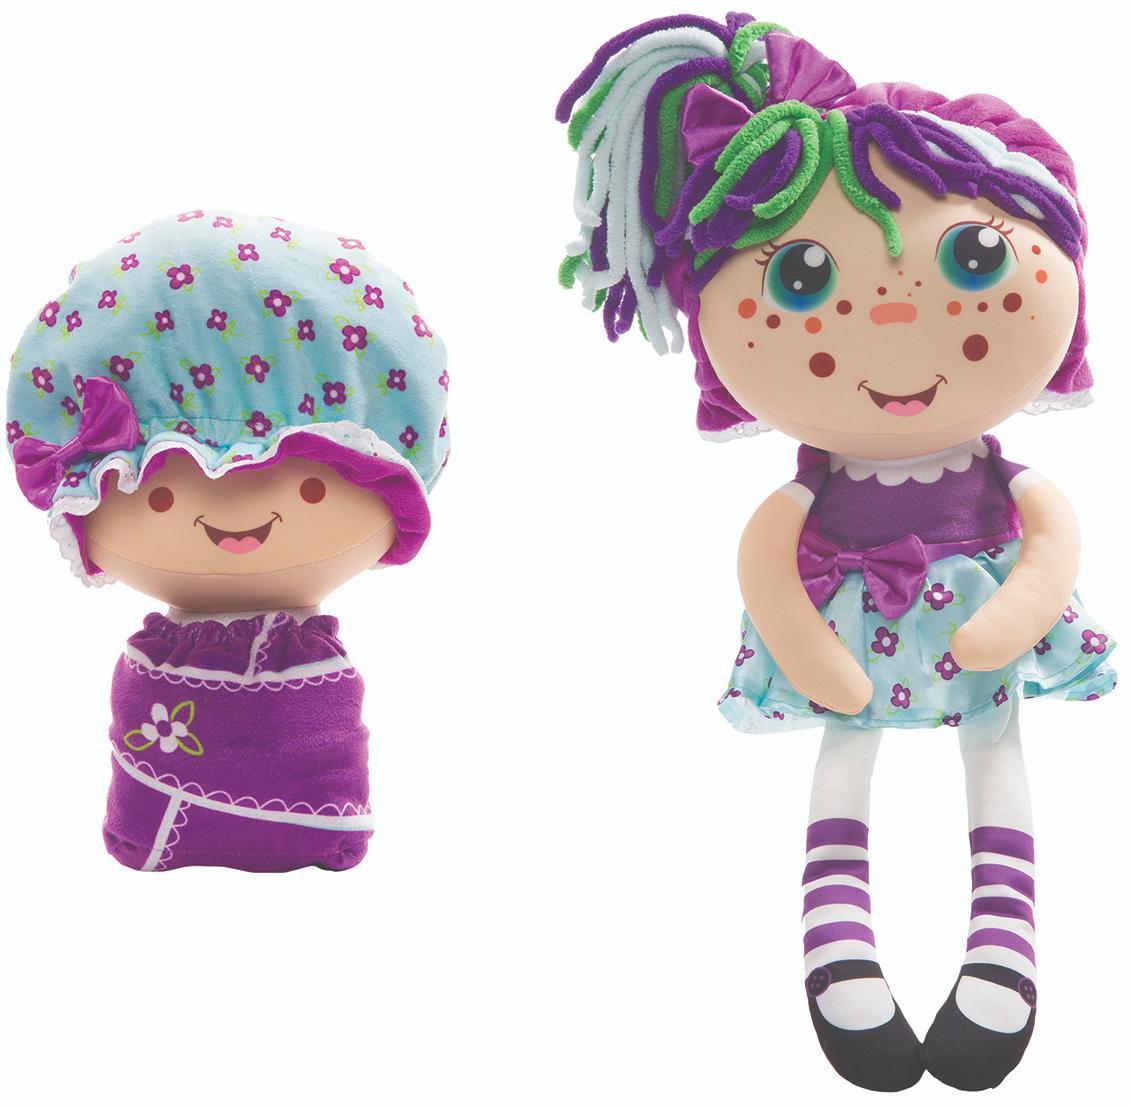 Купить 1Toy Девчушка вывернушка - Варюшка - мягкая кукла 2 в 1, Вывернушки 1Toy, Китай